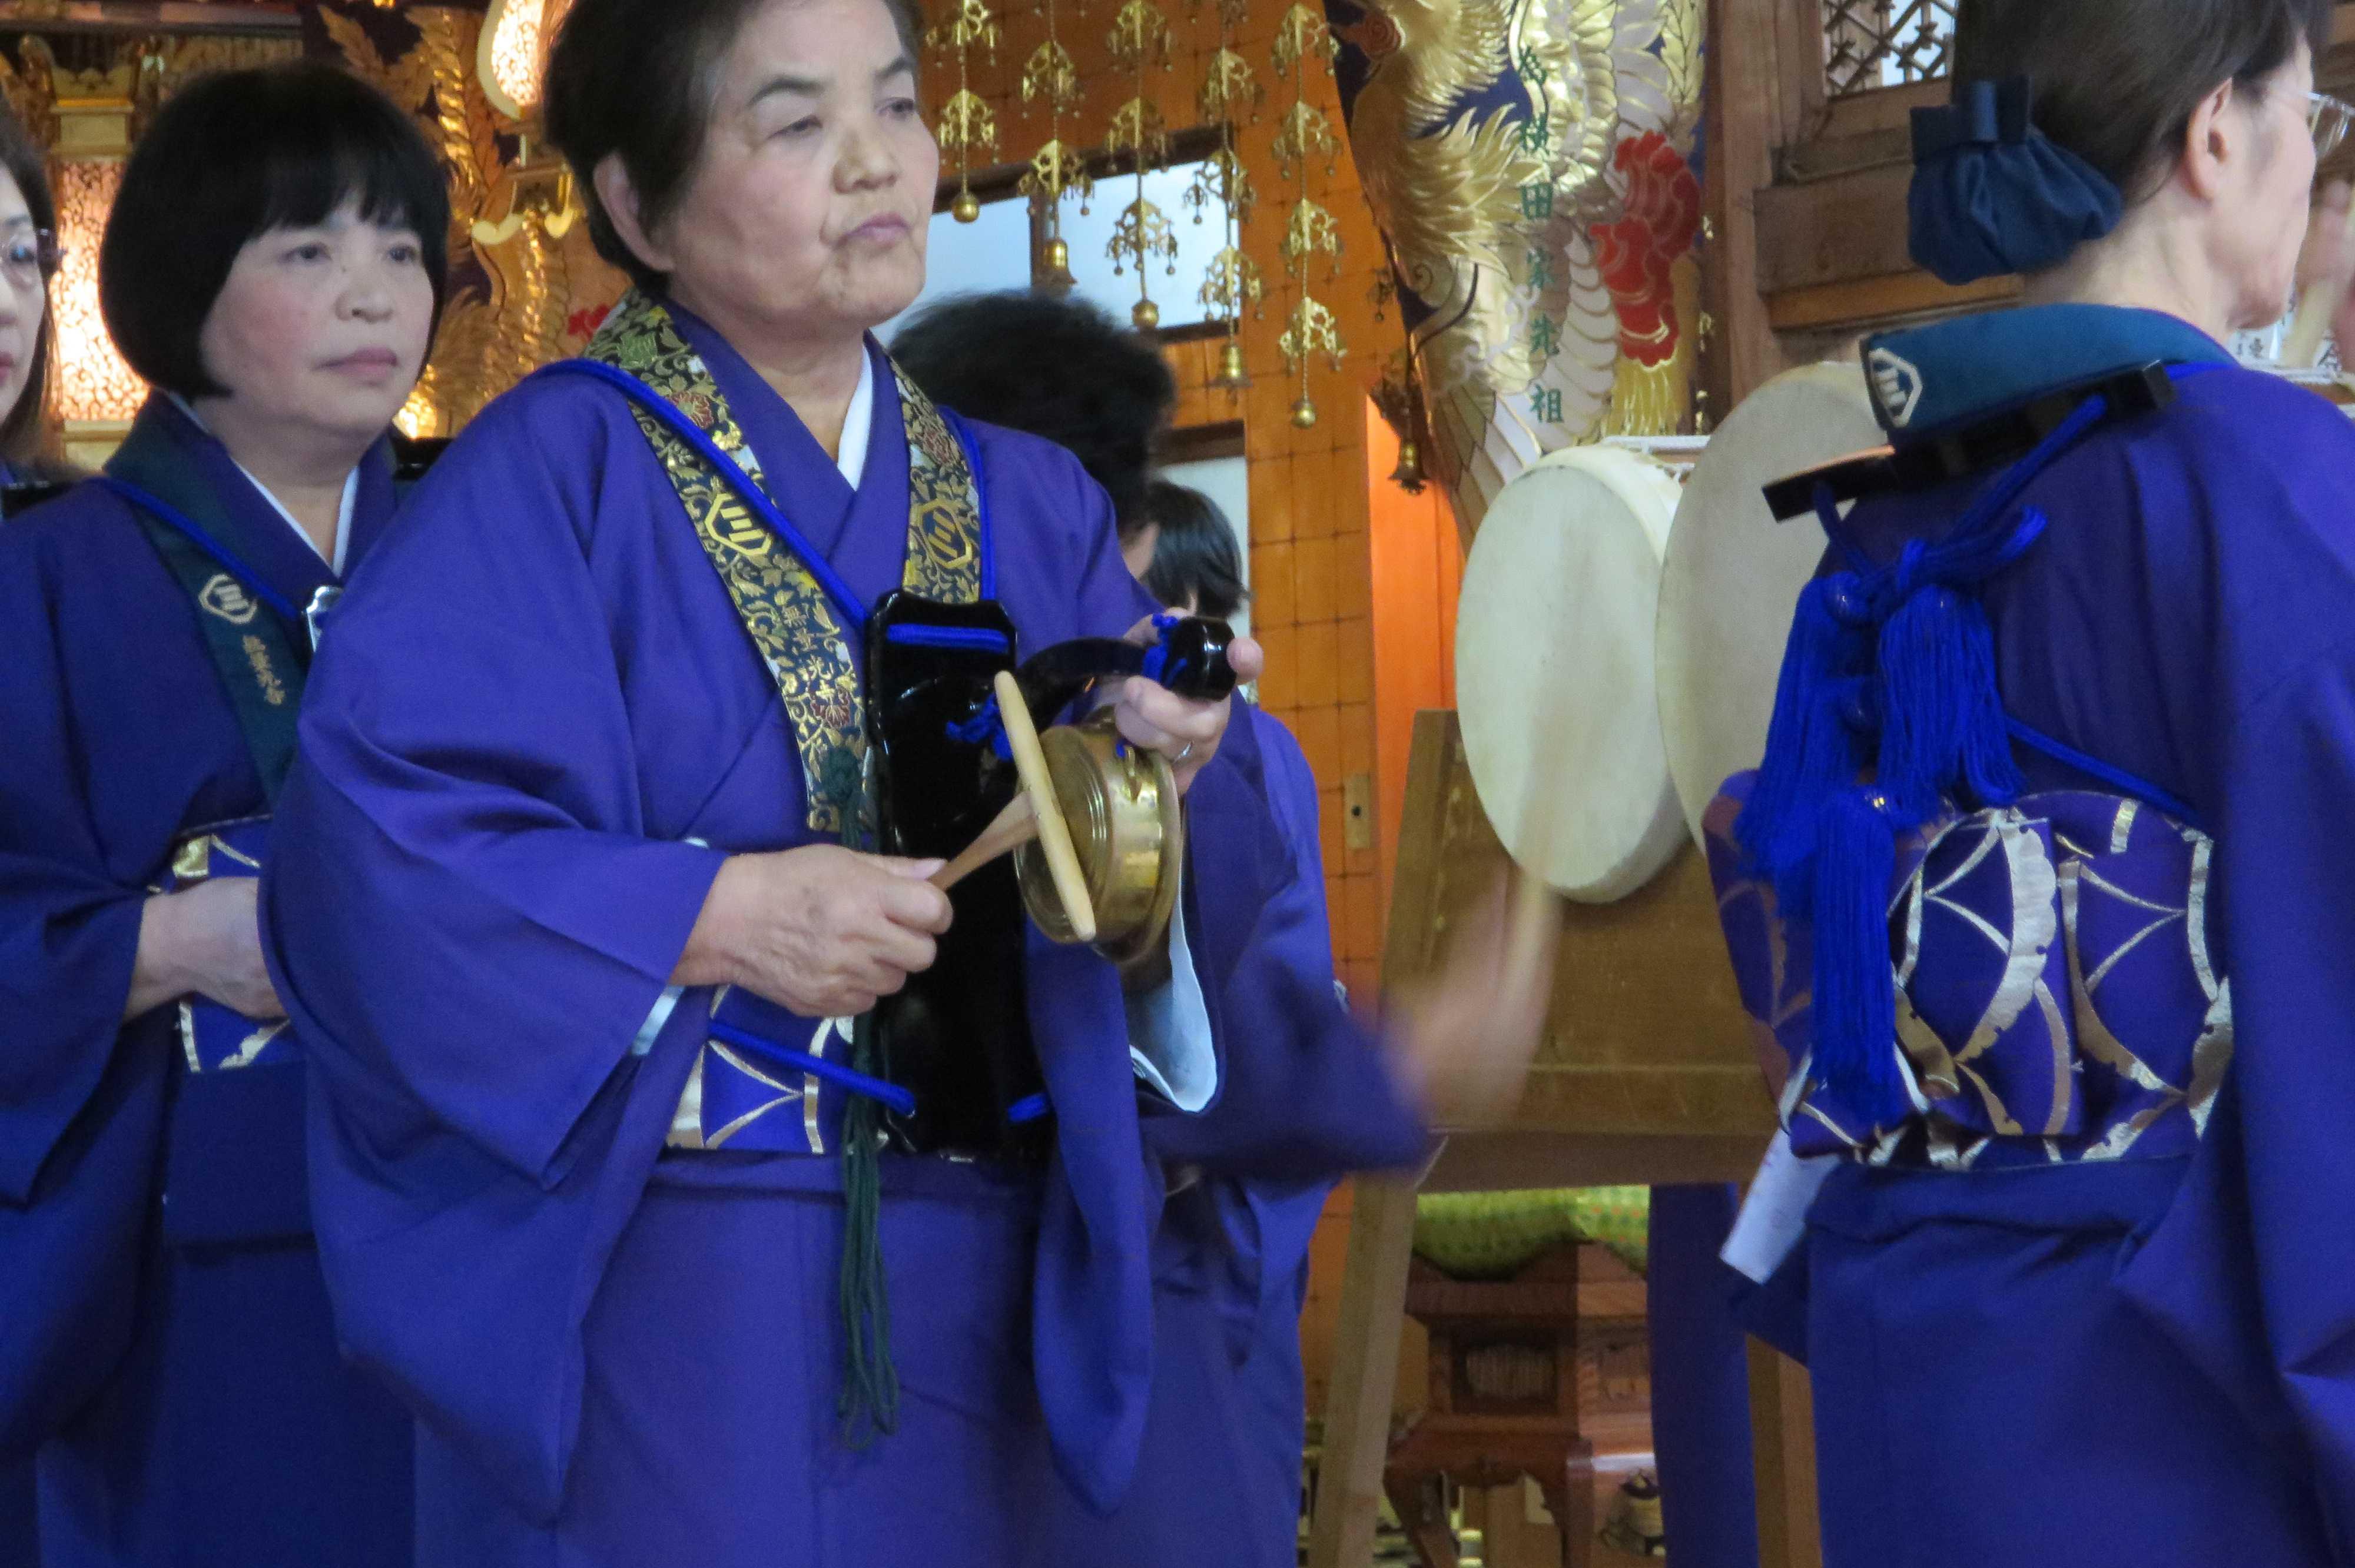 無量光寺の踊り念仏 - 鉦(かね)と撞木(しゅもく)